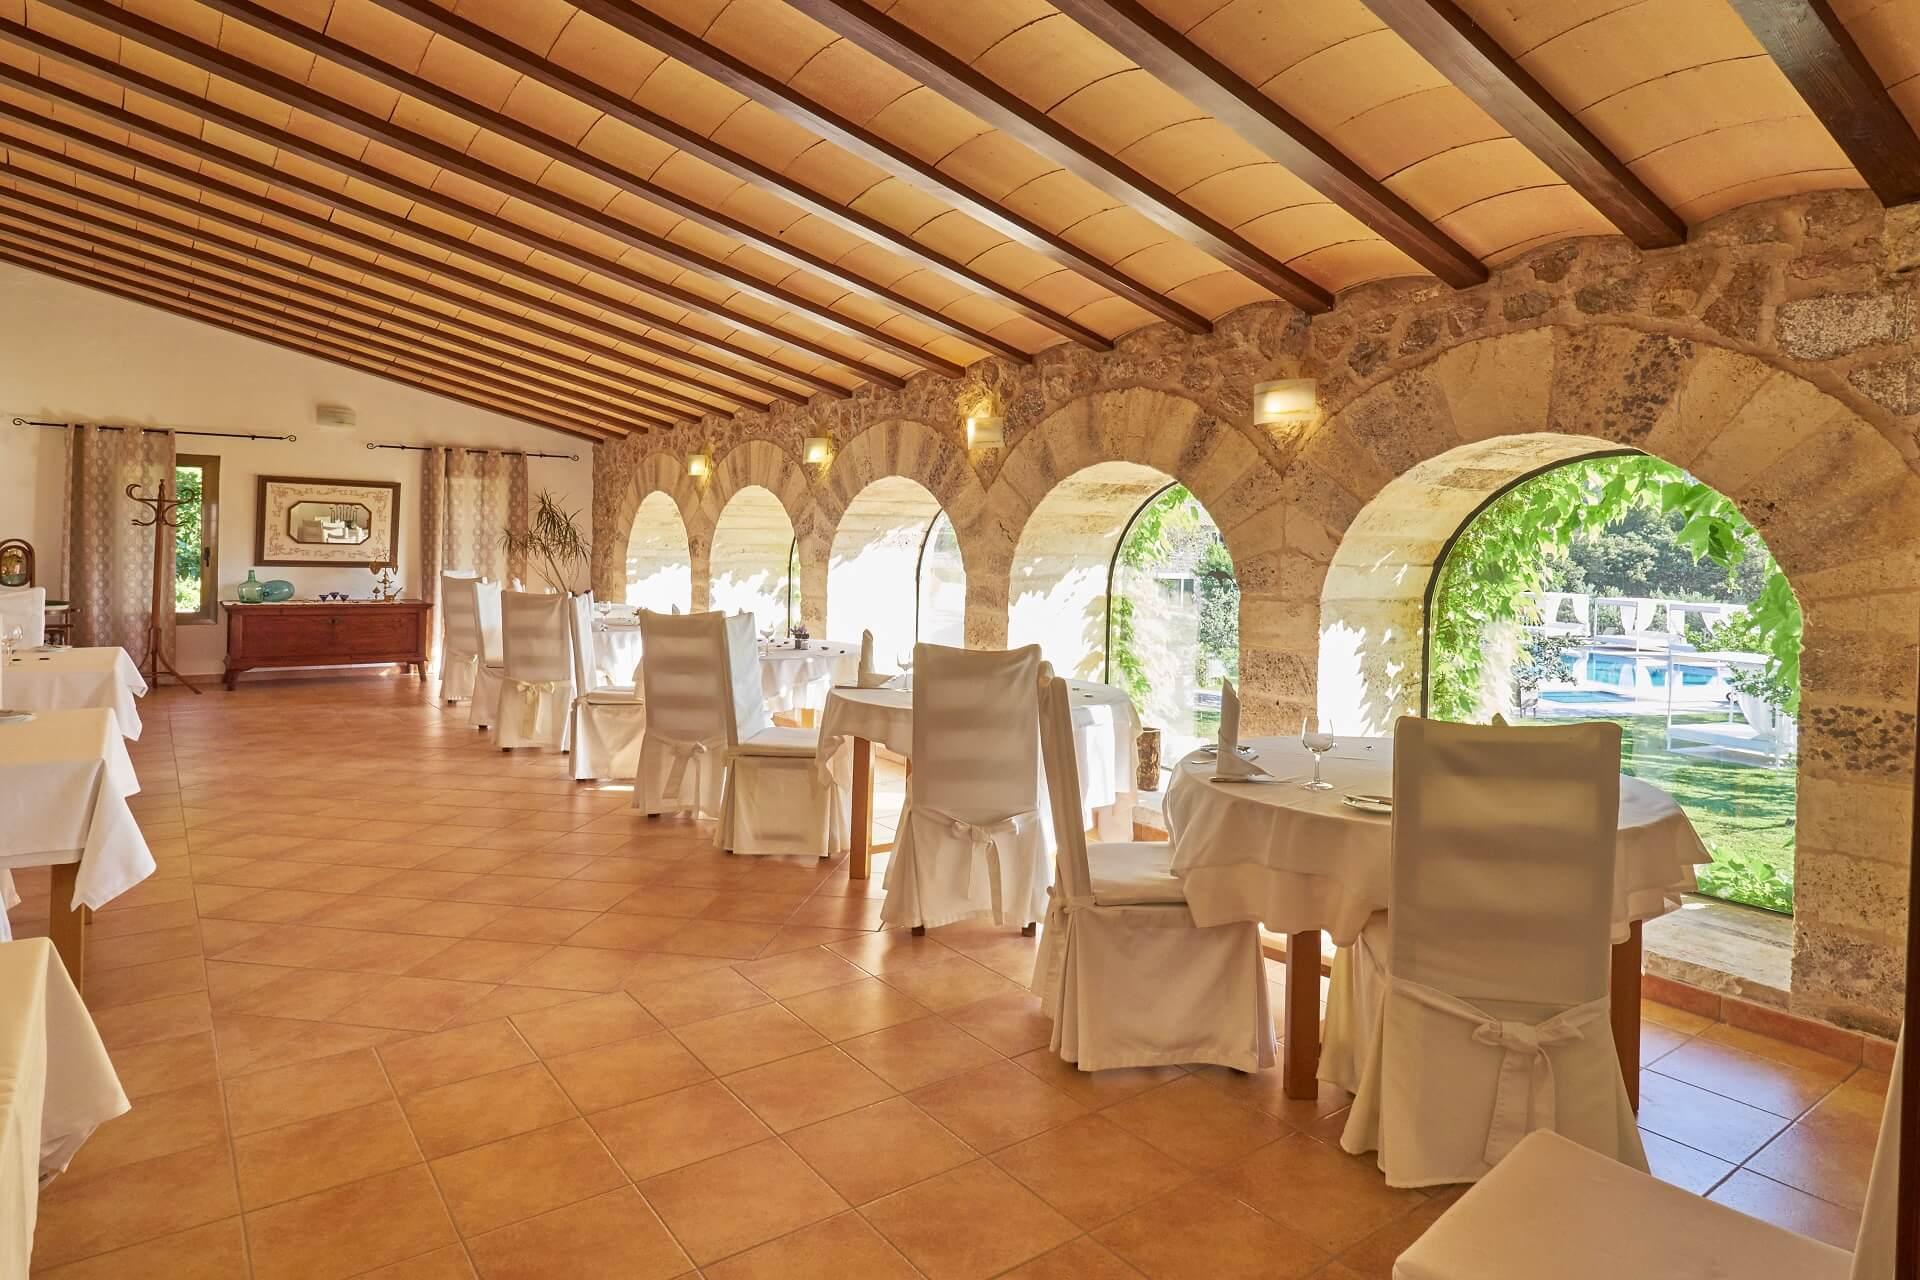 Hotel Finca Binibona - Dining room